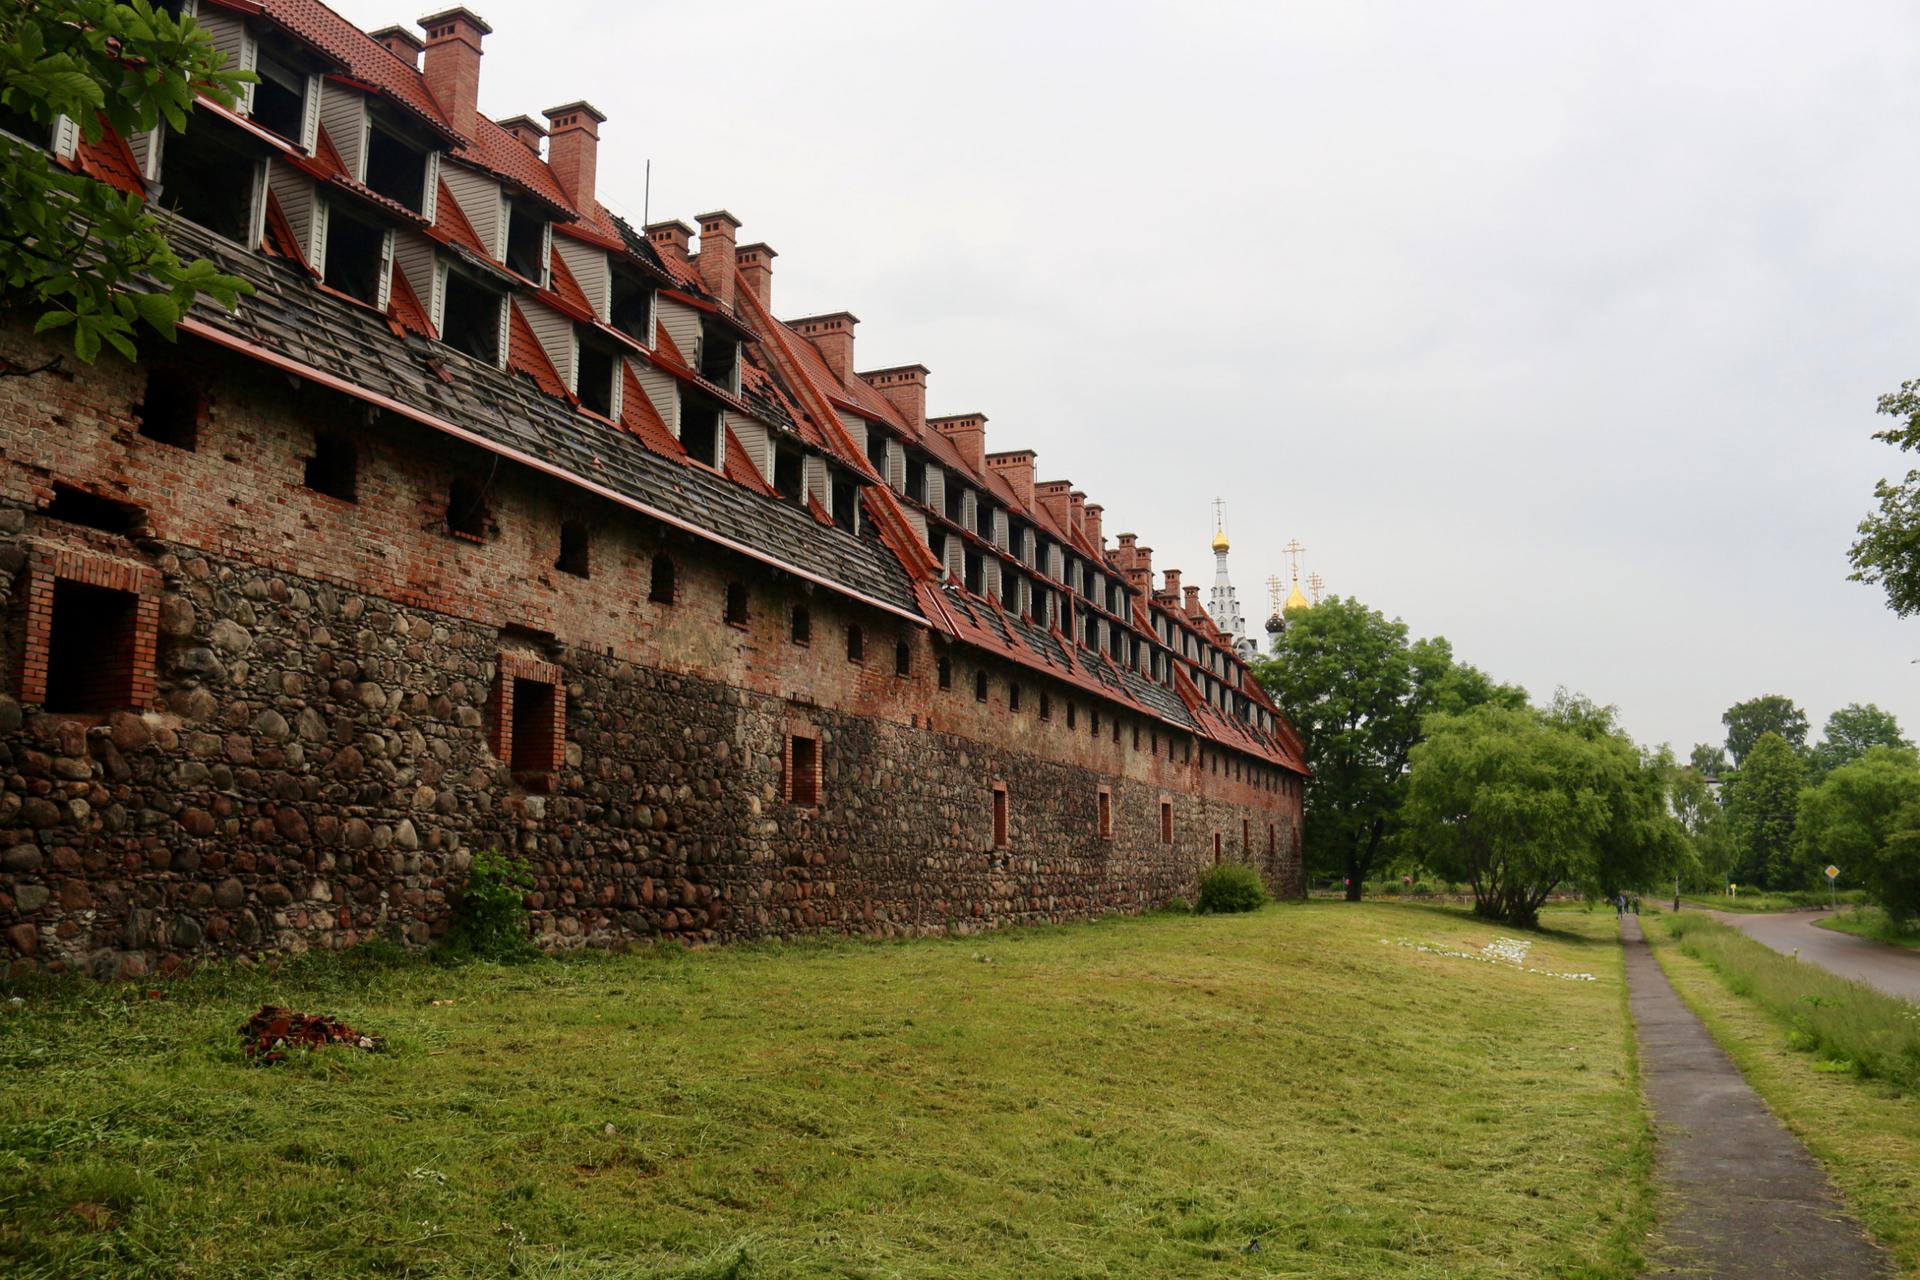 фото багрятионовск калининградской области рассказала